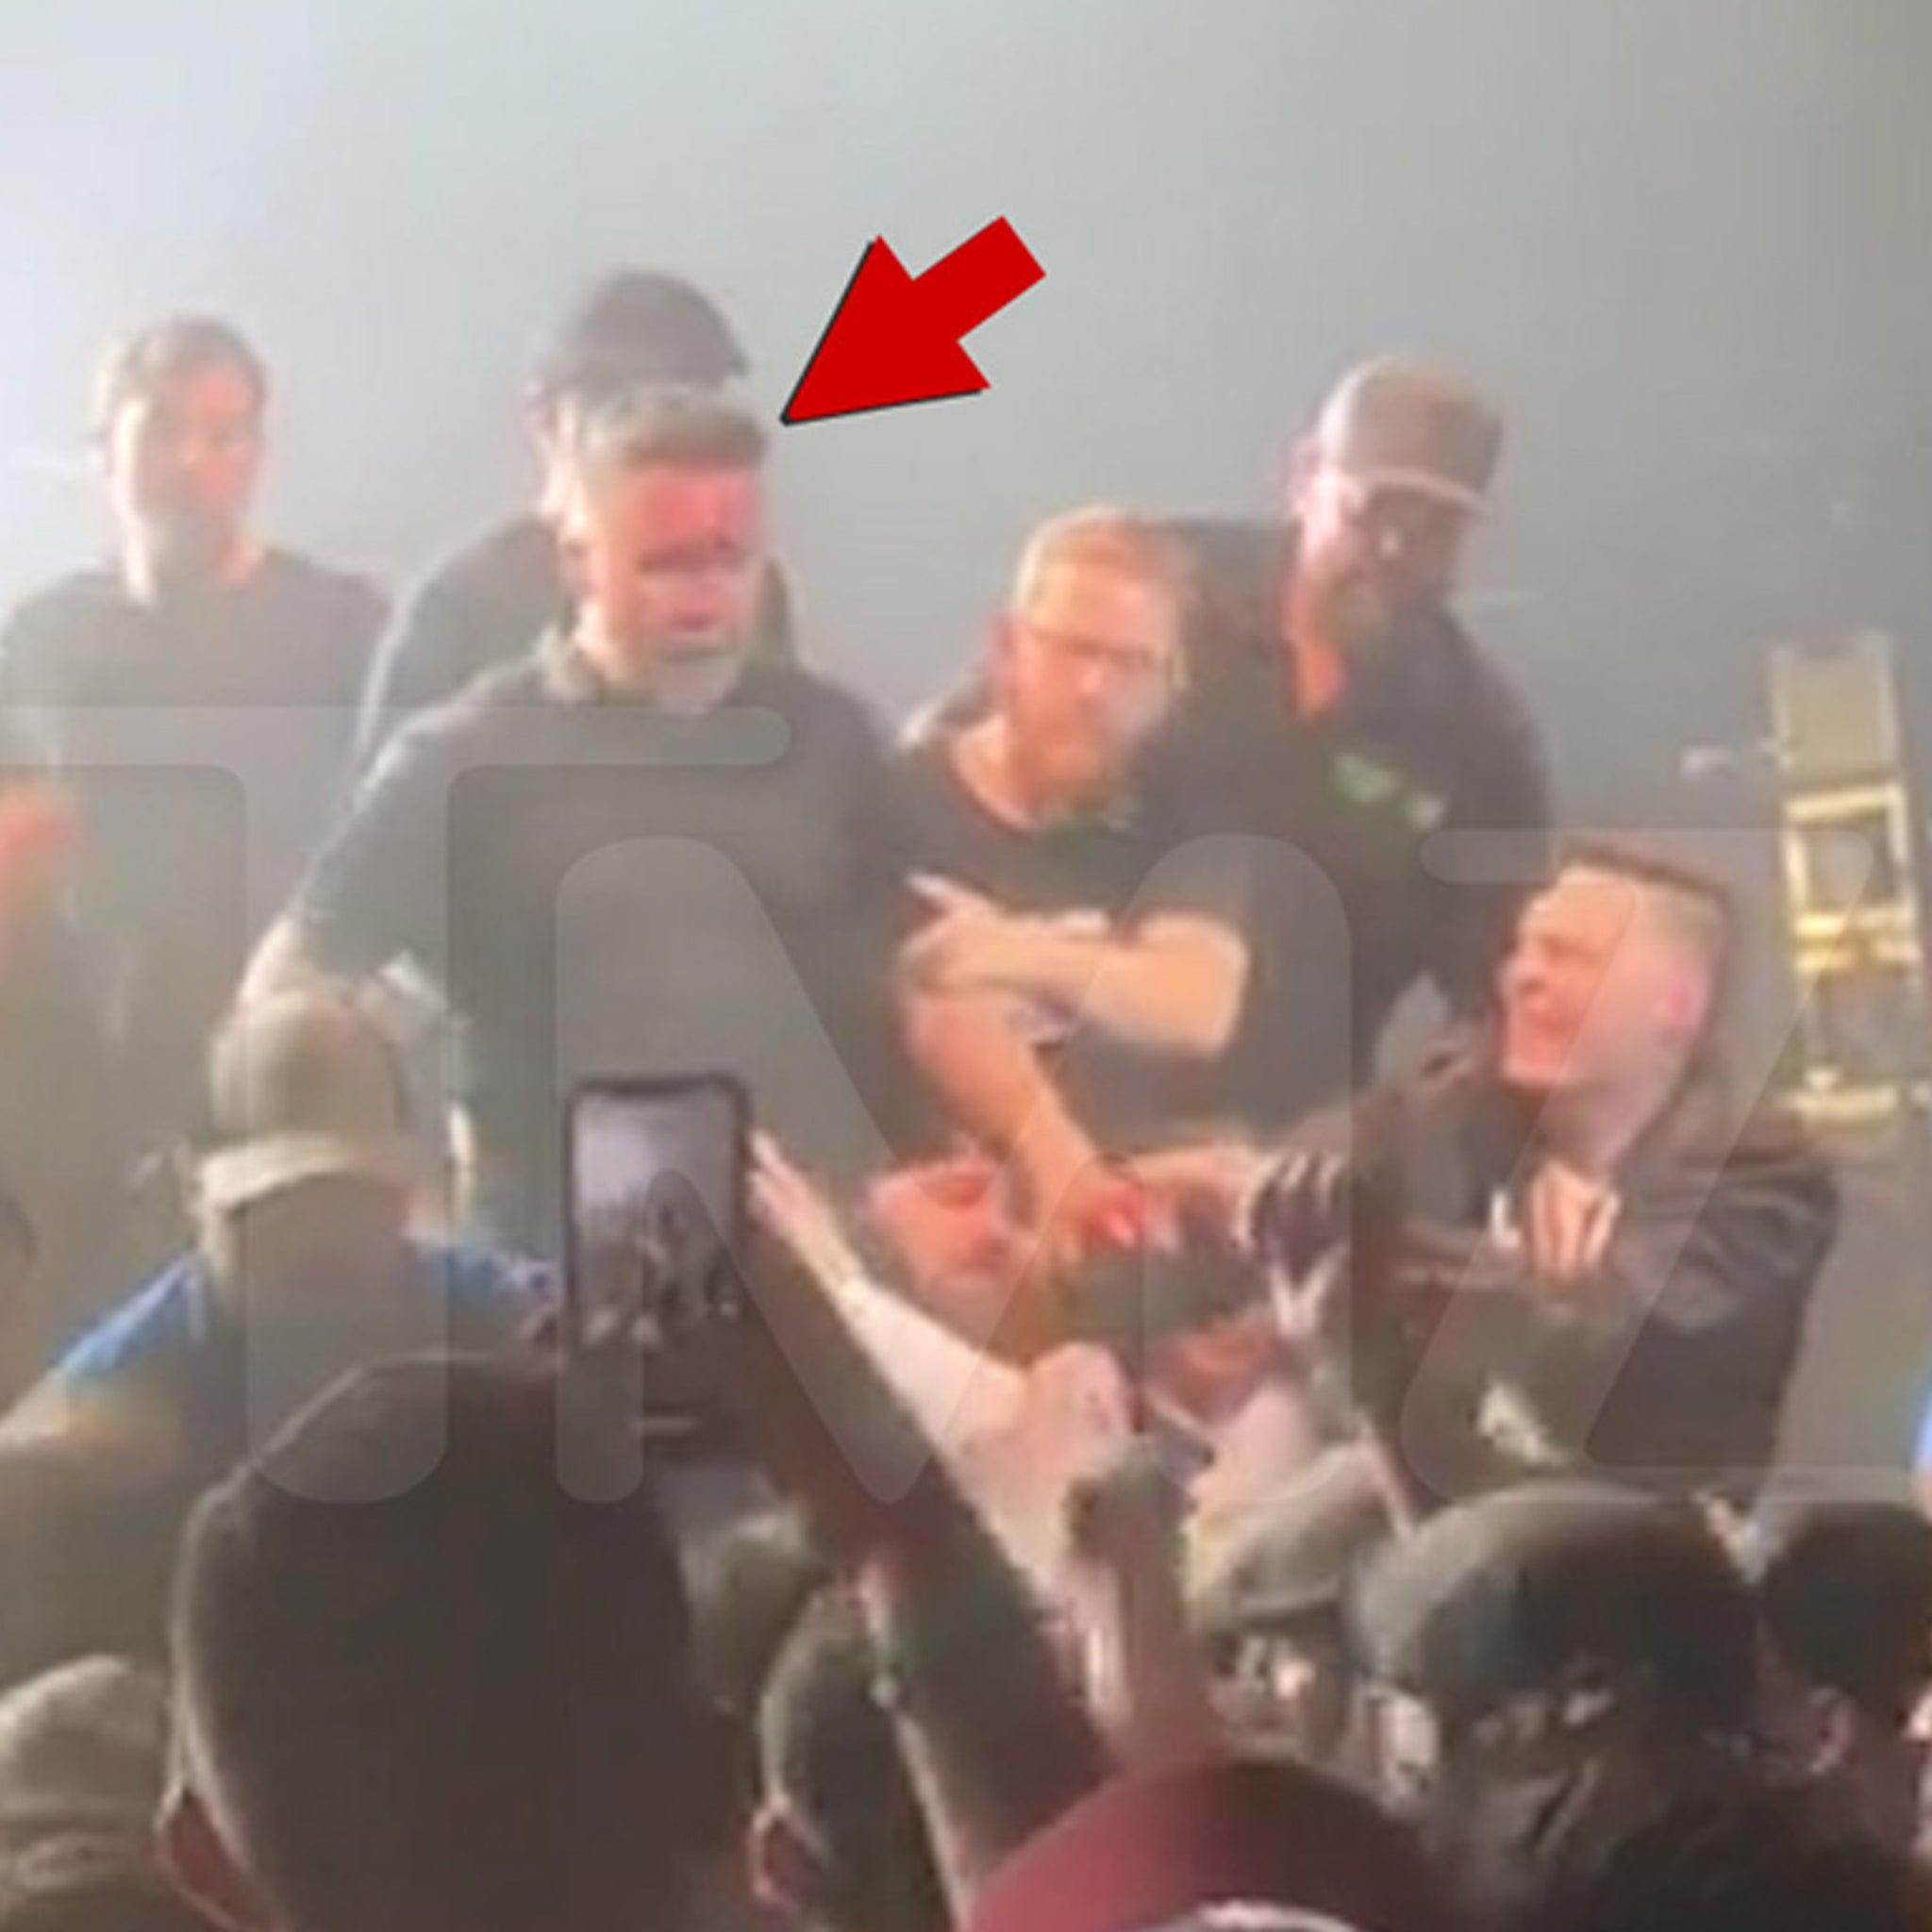 Dropkick Murphys' Ken Casey Bloodied in Fight with Concert Fan